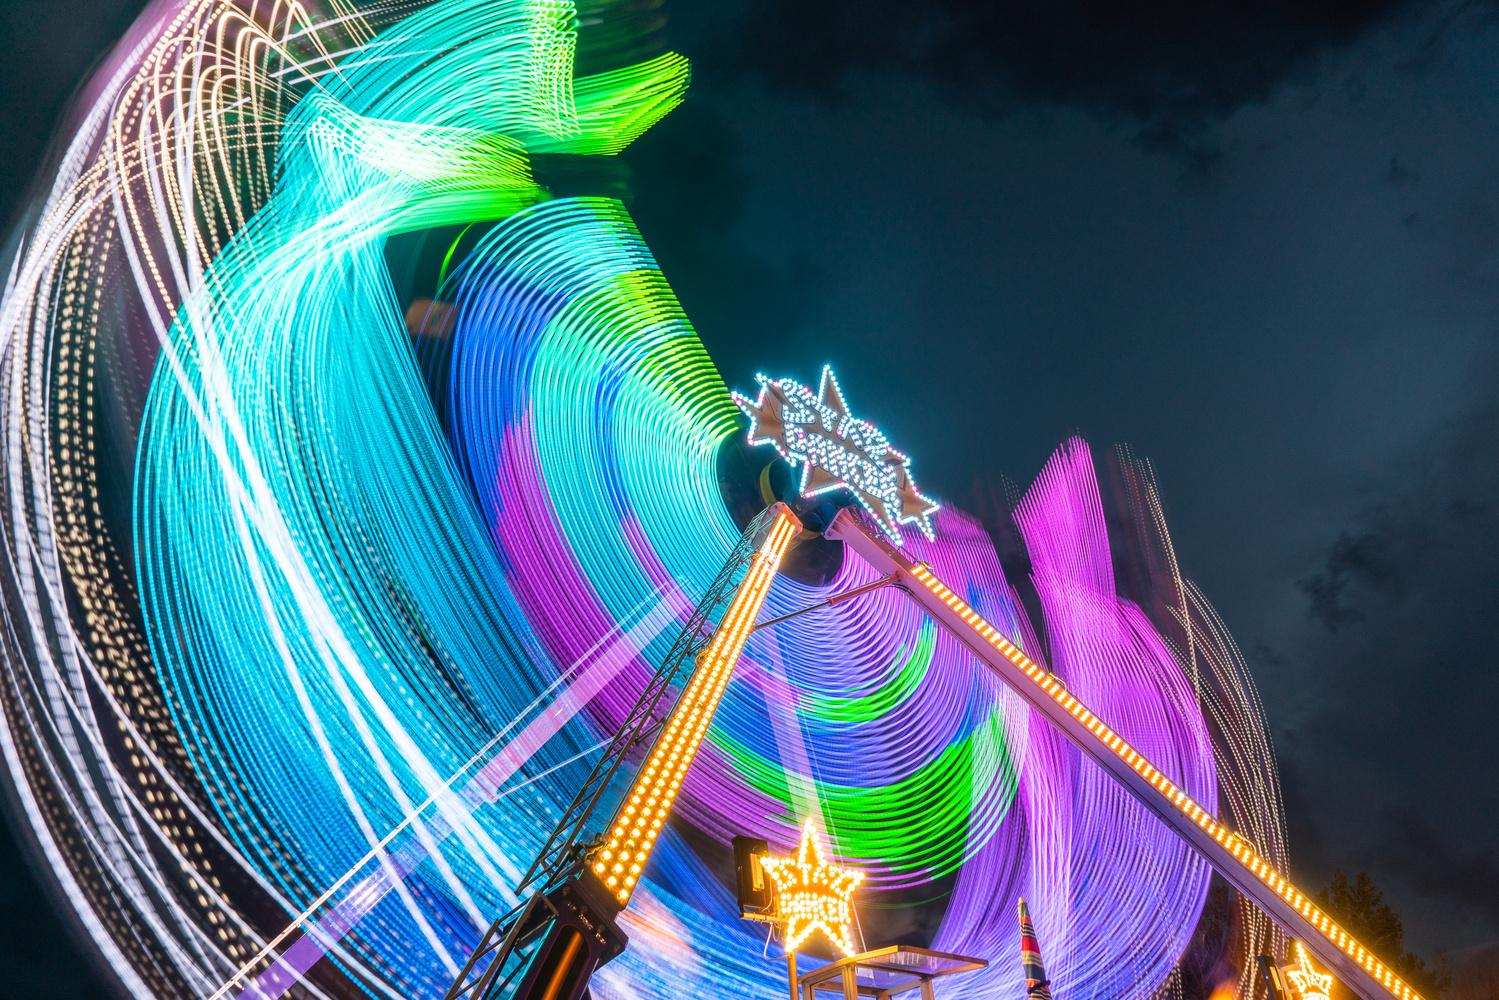 Light Swoosh by Philippe Clairo